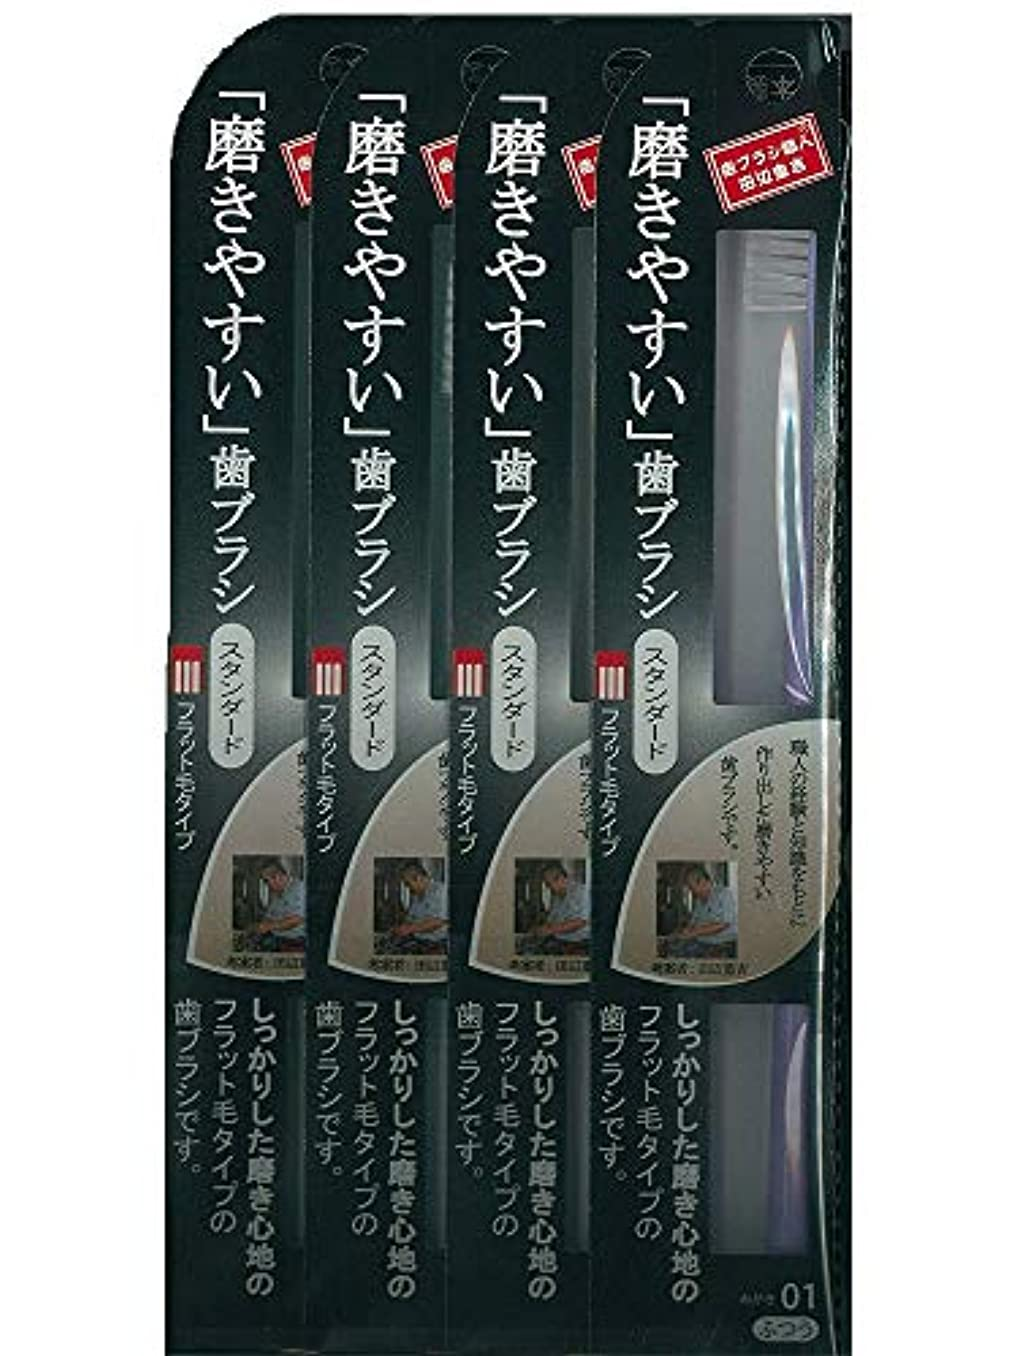 読み書きのできない公みすぼらしい歯ブラシ職人 田辺重吉 磨きやすい歯ブラシ スタンダード フラット毛タイプ LT-01 (1本×4個セット)